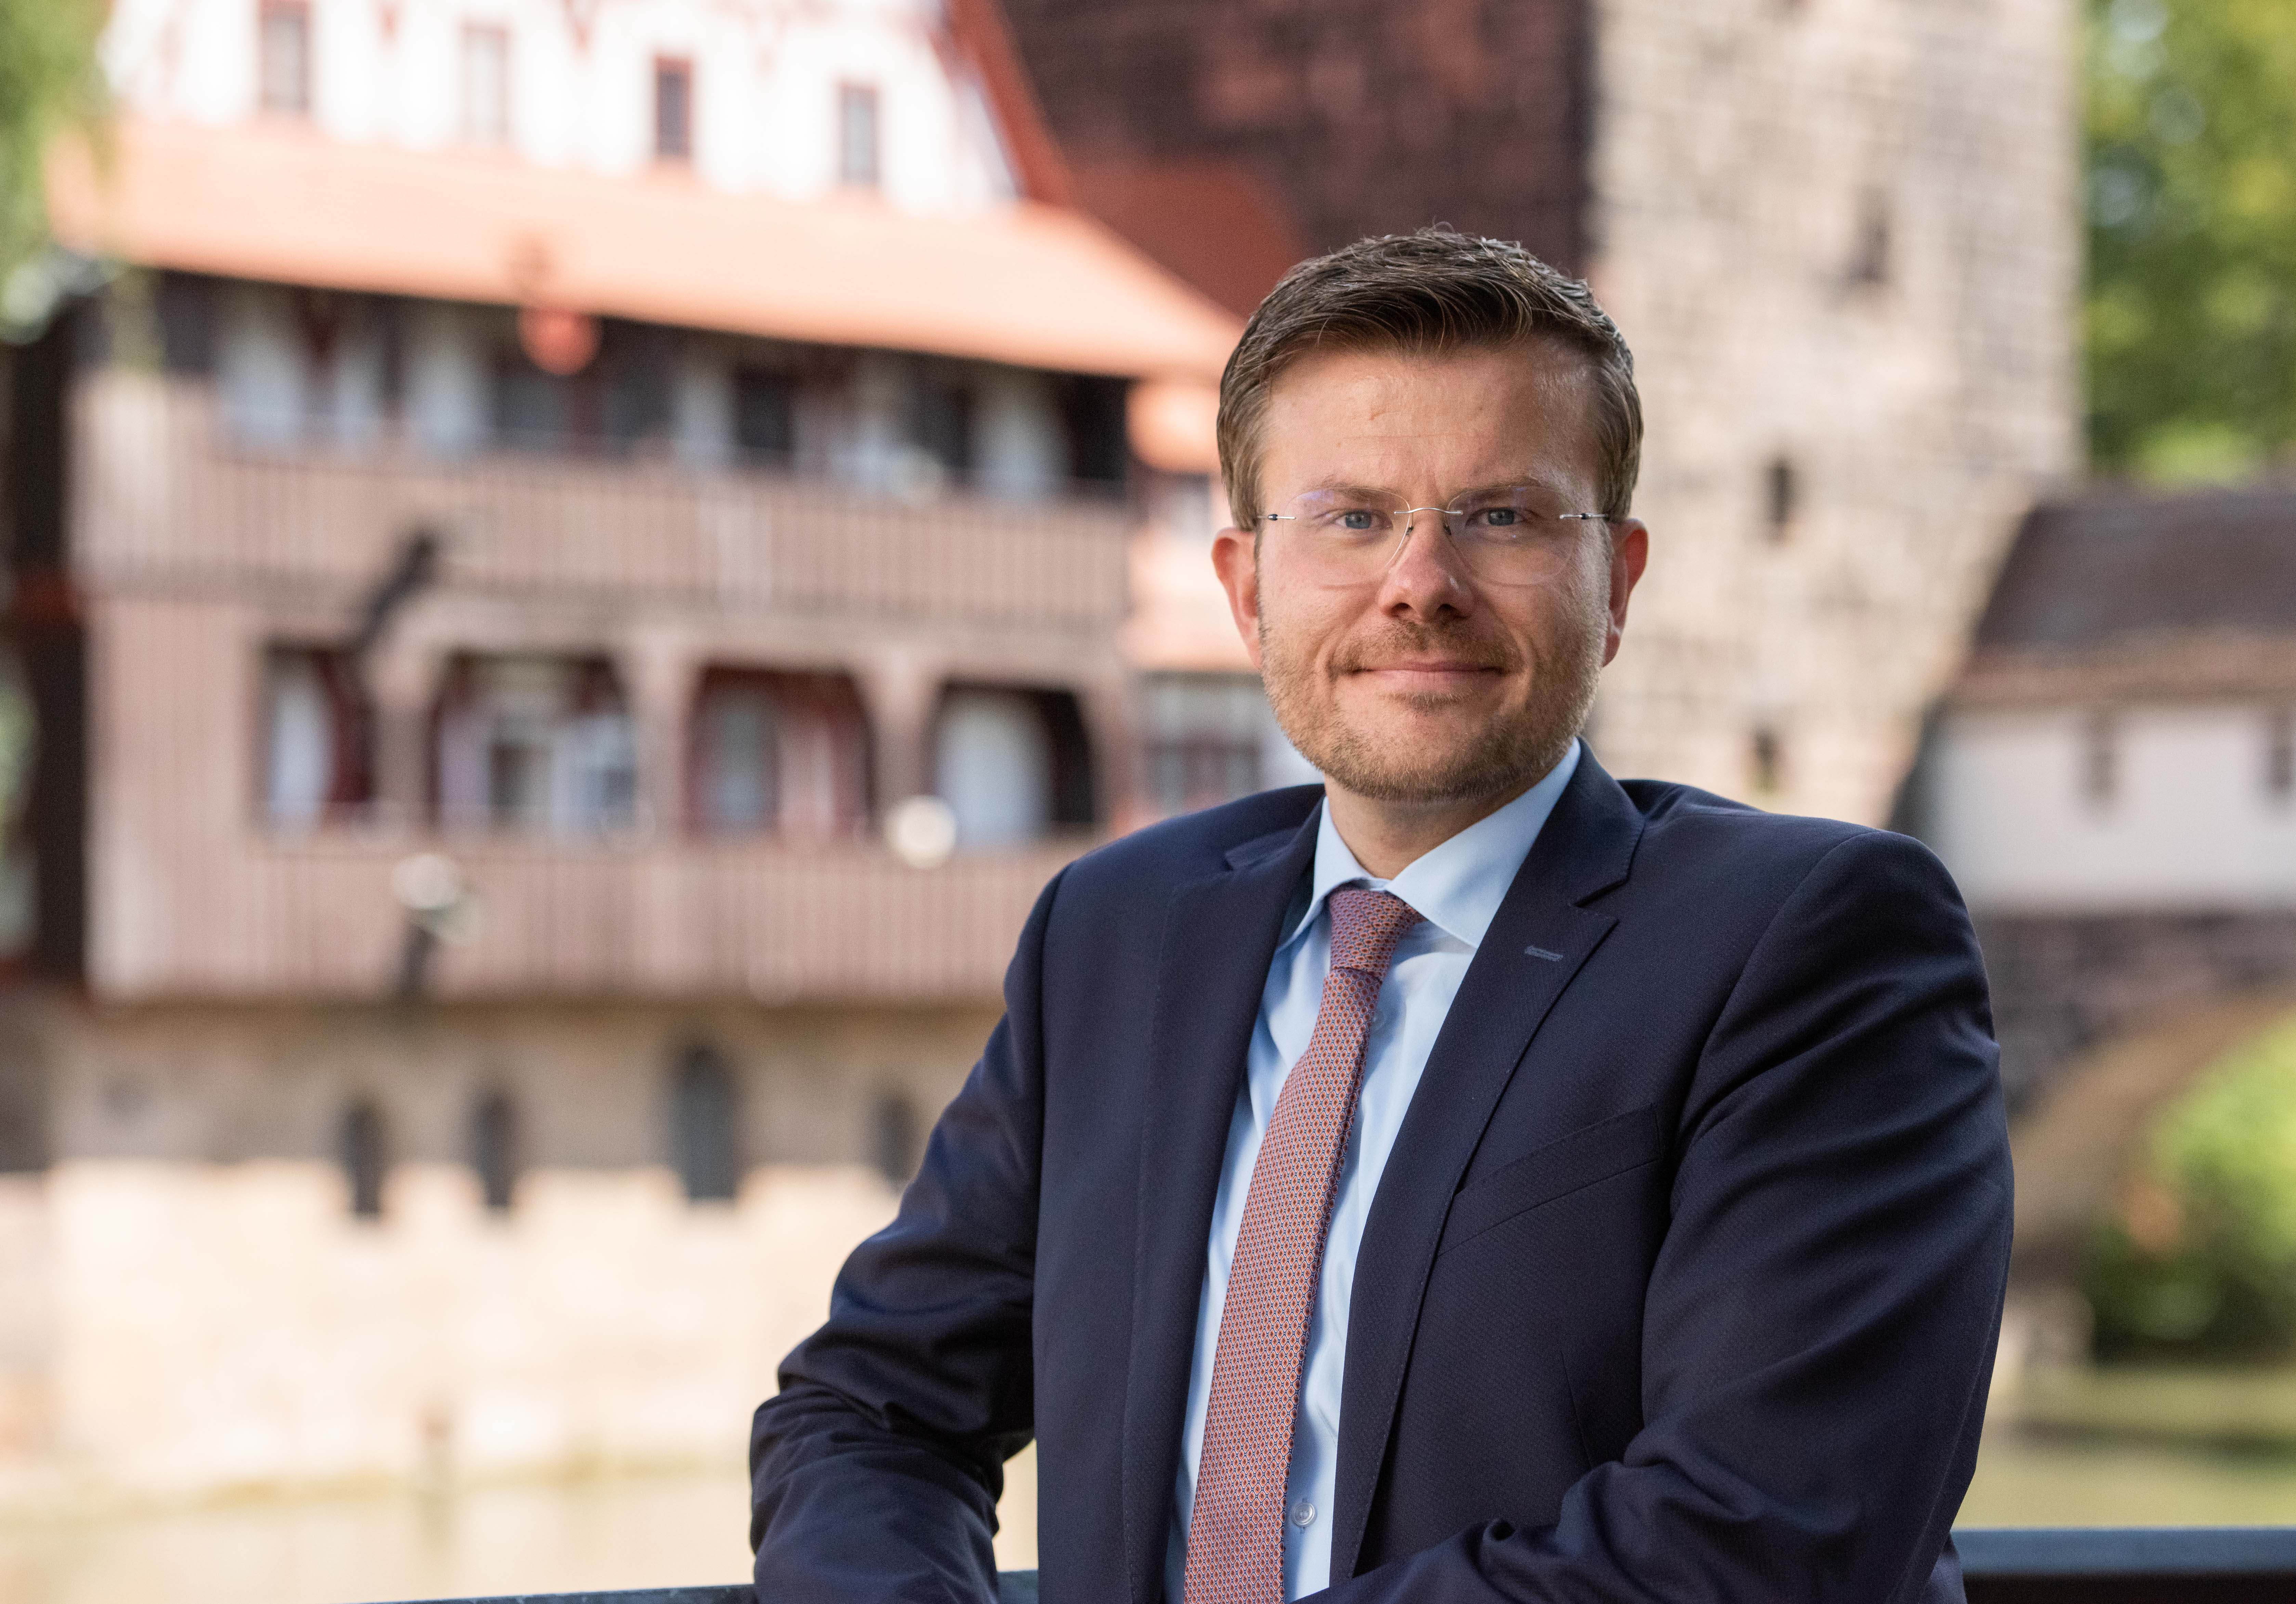 Oberbuergermeister Marcus Koenig